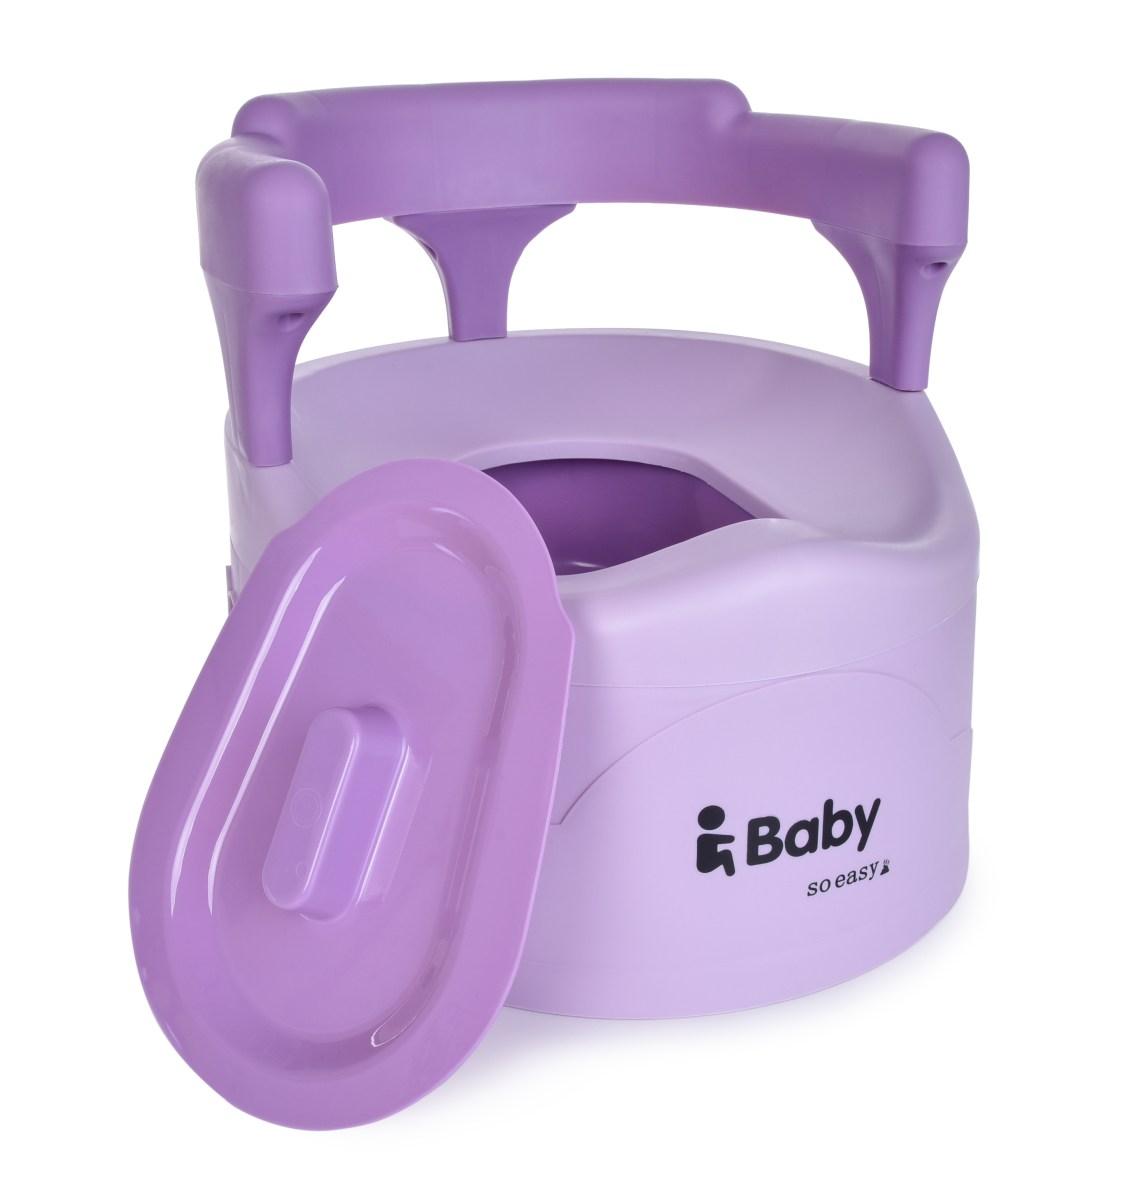 BABY TRŮN, nočník pro děti s opěradlem